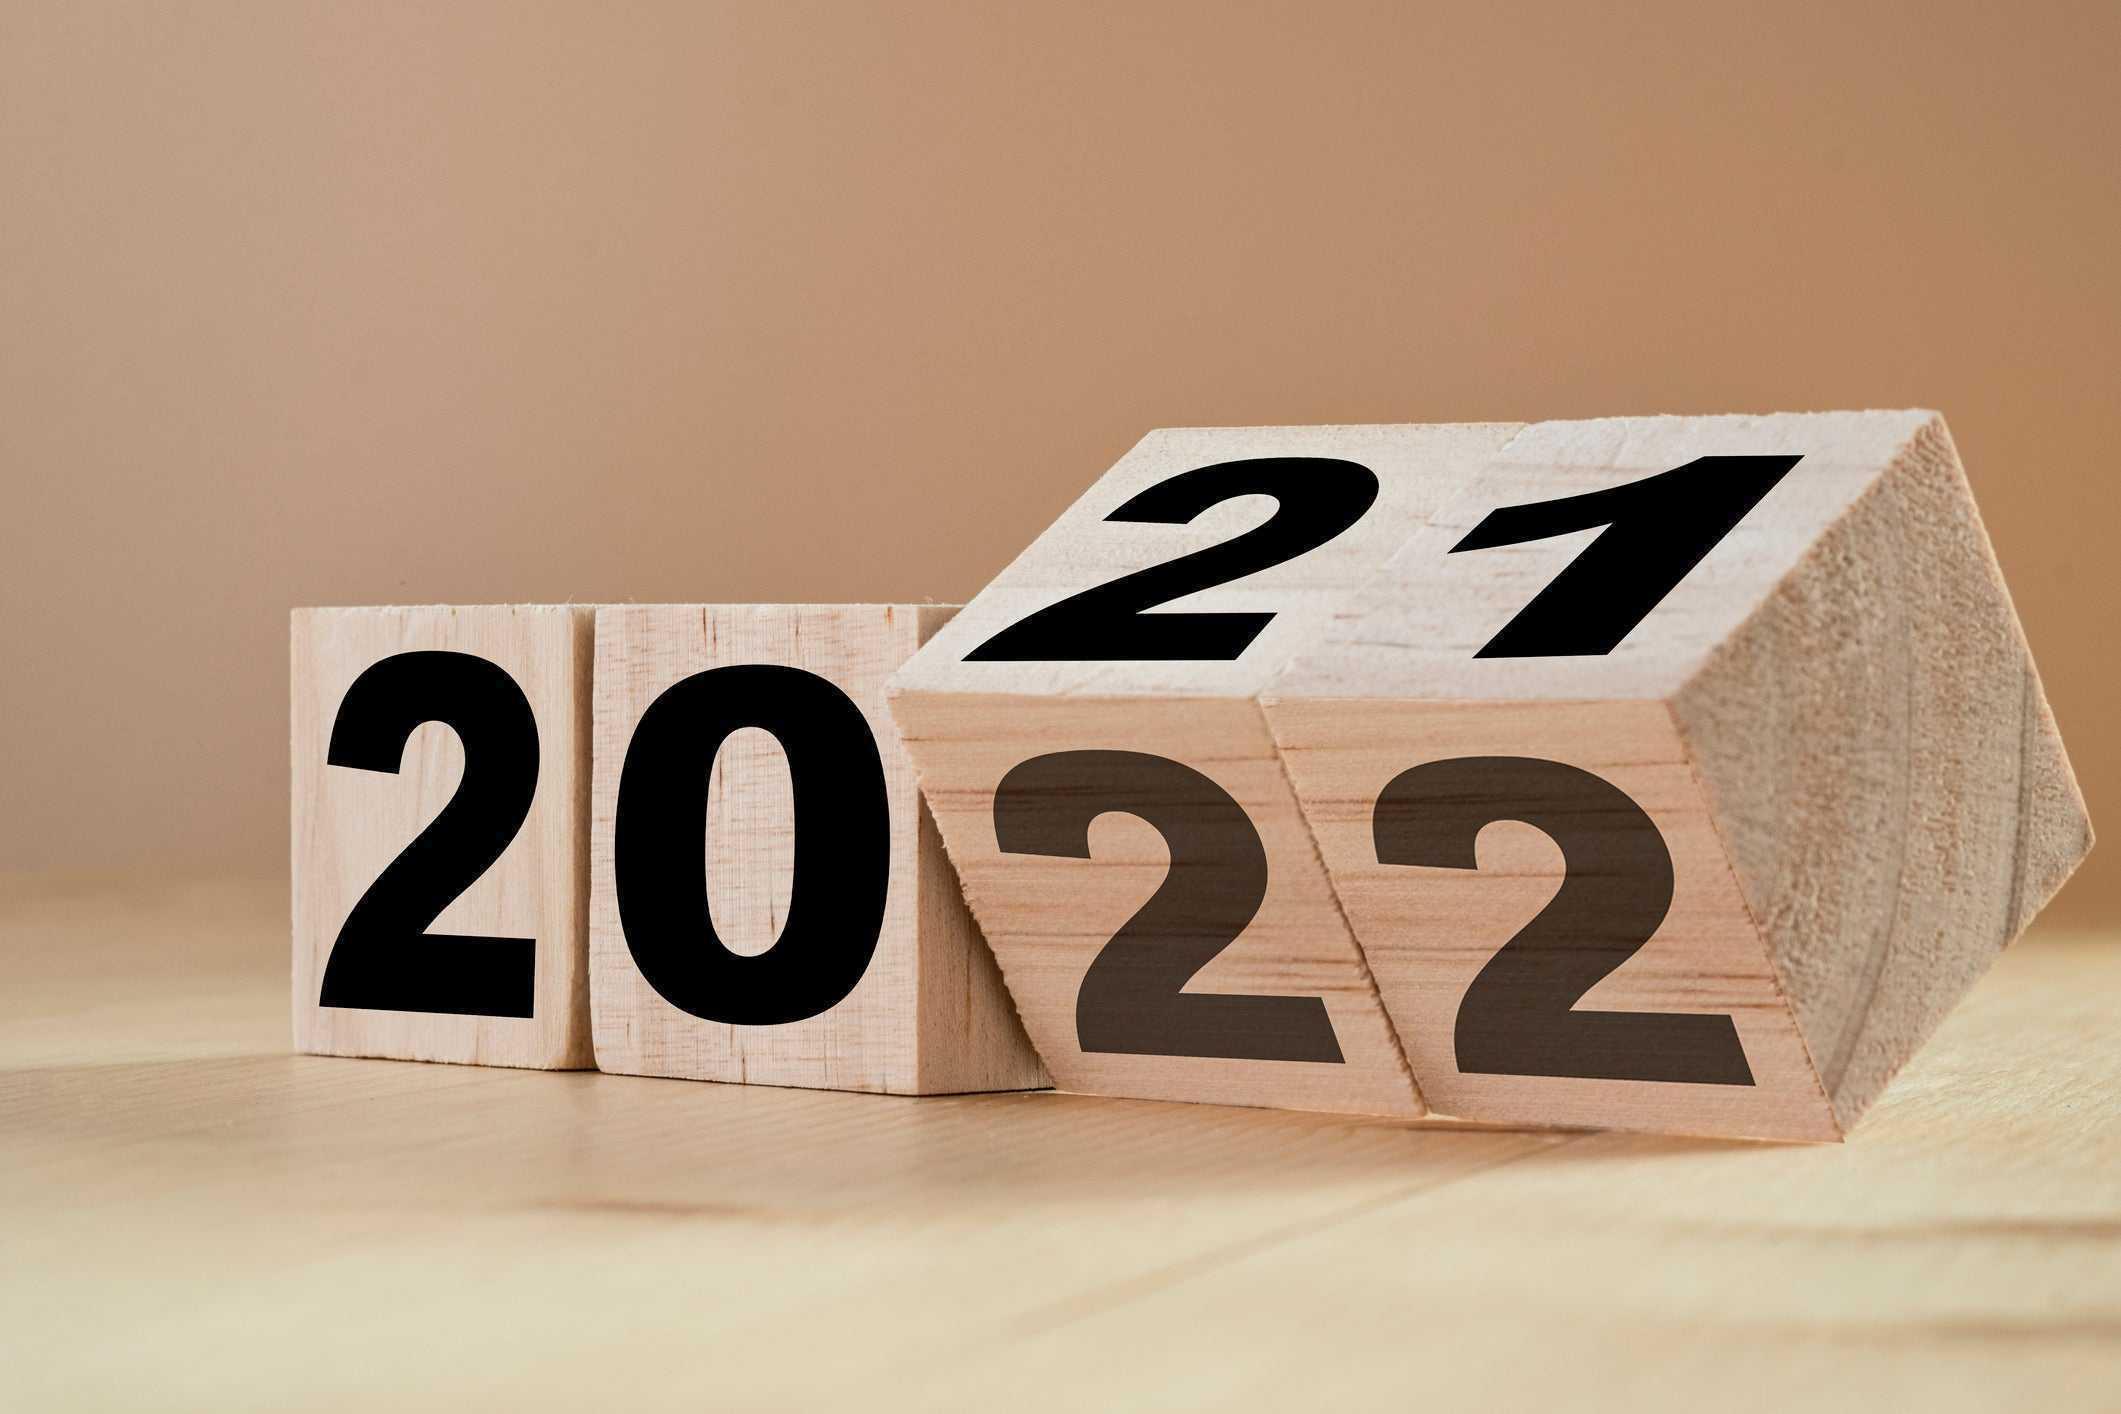 چشمانداز اقتصاد جهان و بازار بیمه در 2022 –2021